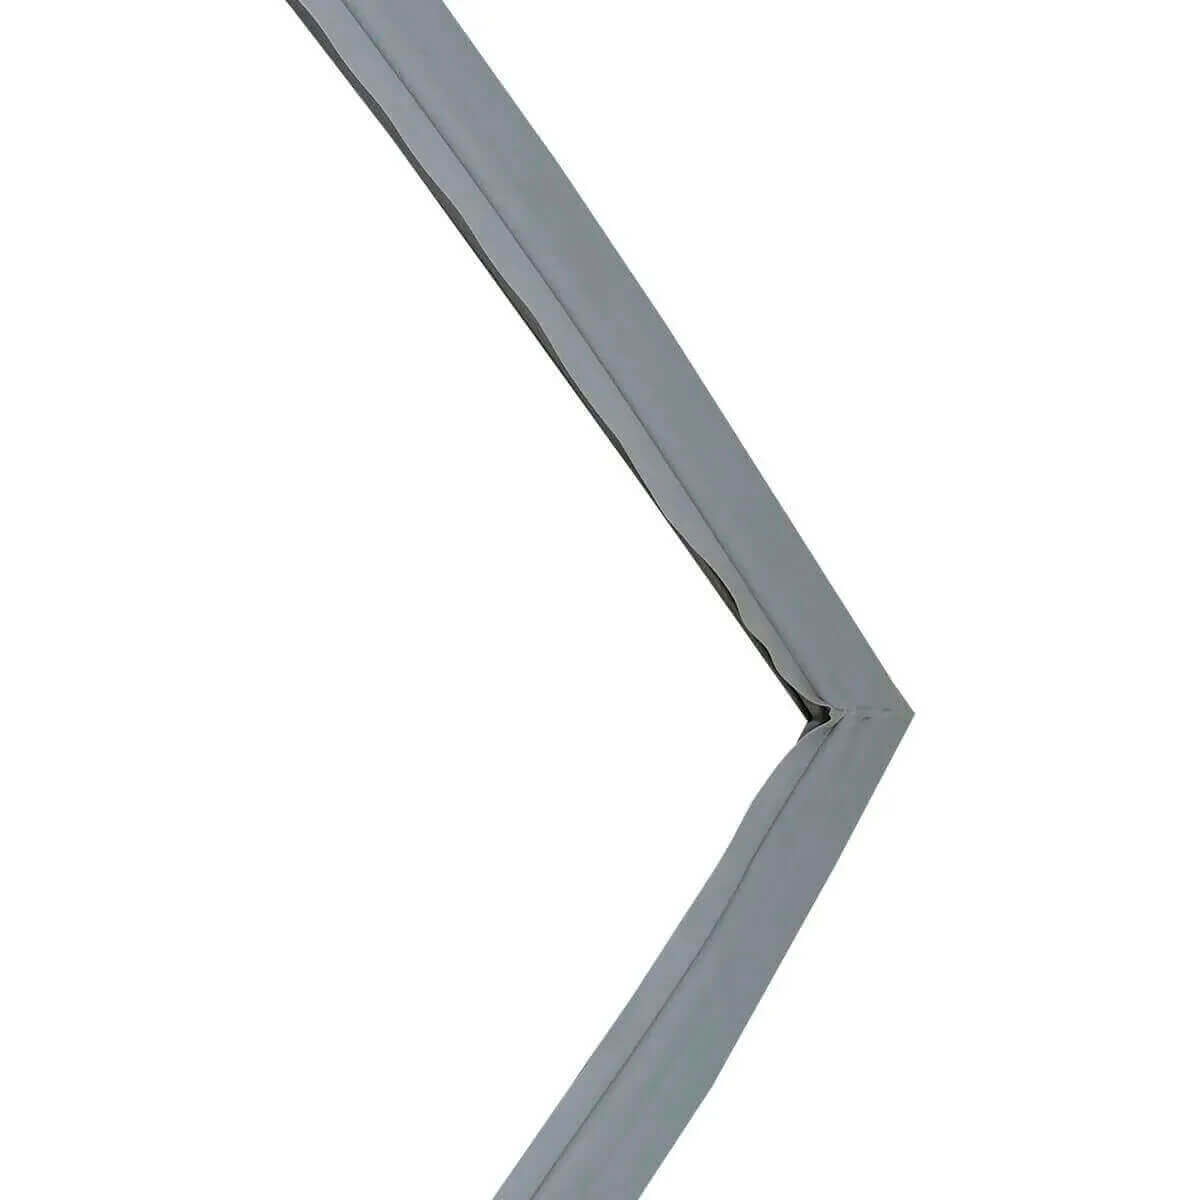 Borracha Gaxeta Freezer Electrolux DC360 Superior - 086002 - 67390687